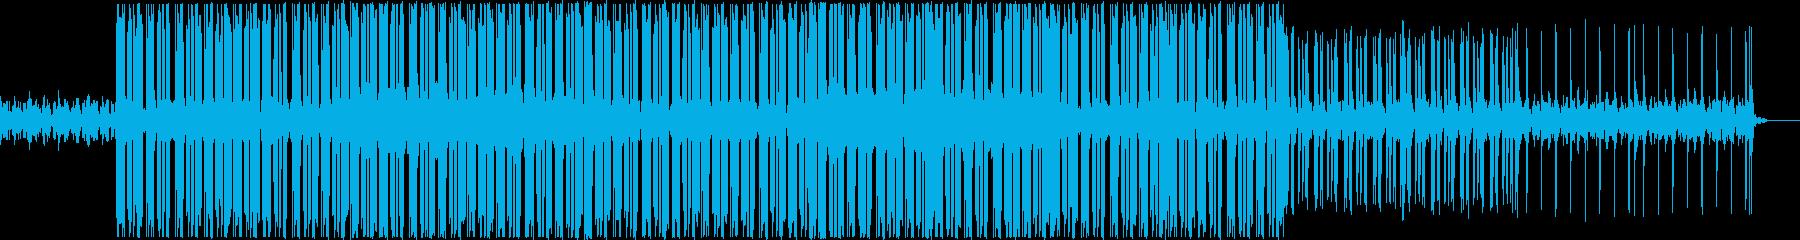 バーチャルな電脳世界の軽快なBGMの再生済みの波形